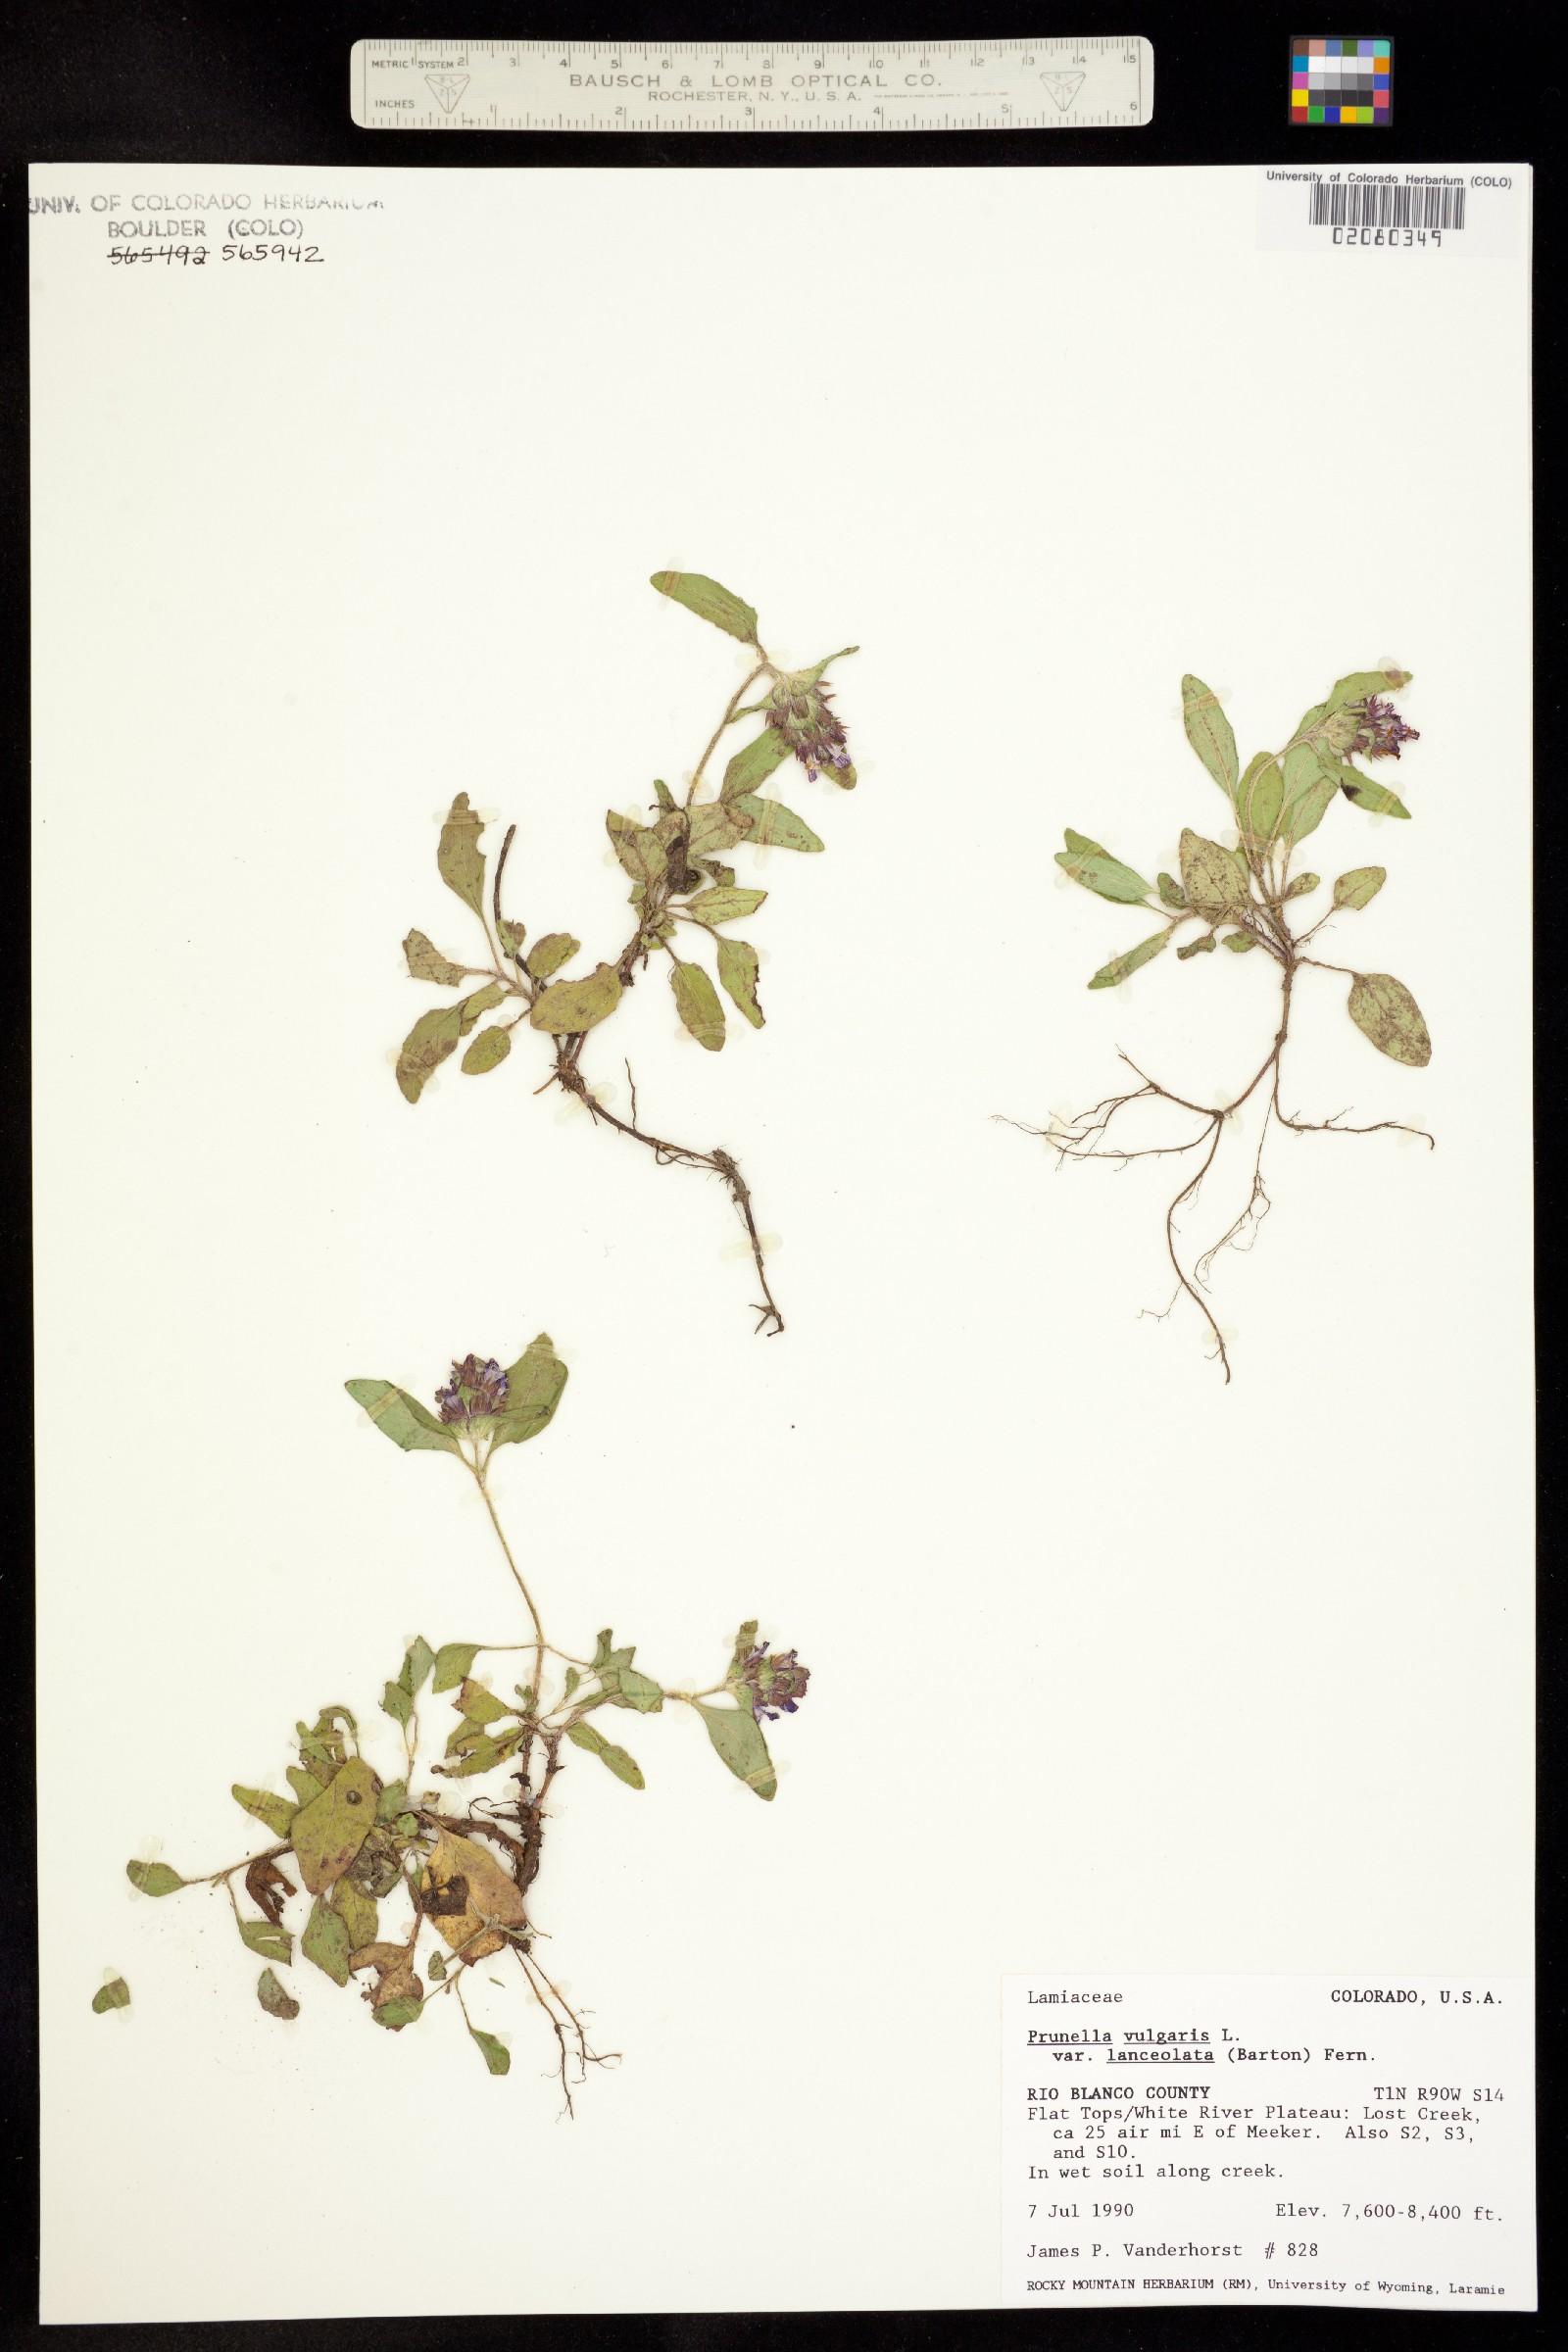 Prunella vulgaris ssp. lanceolata image